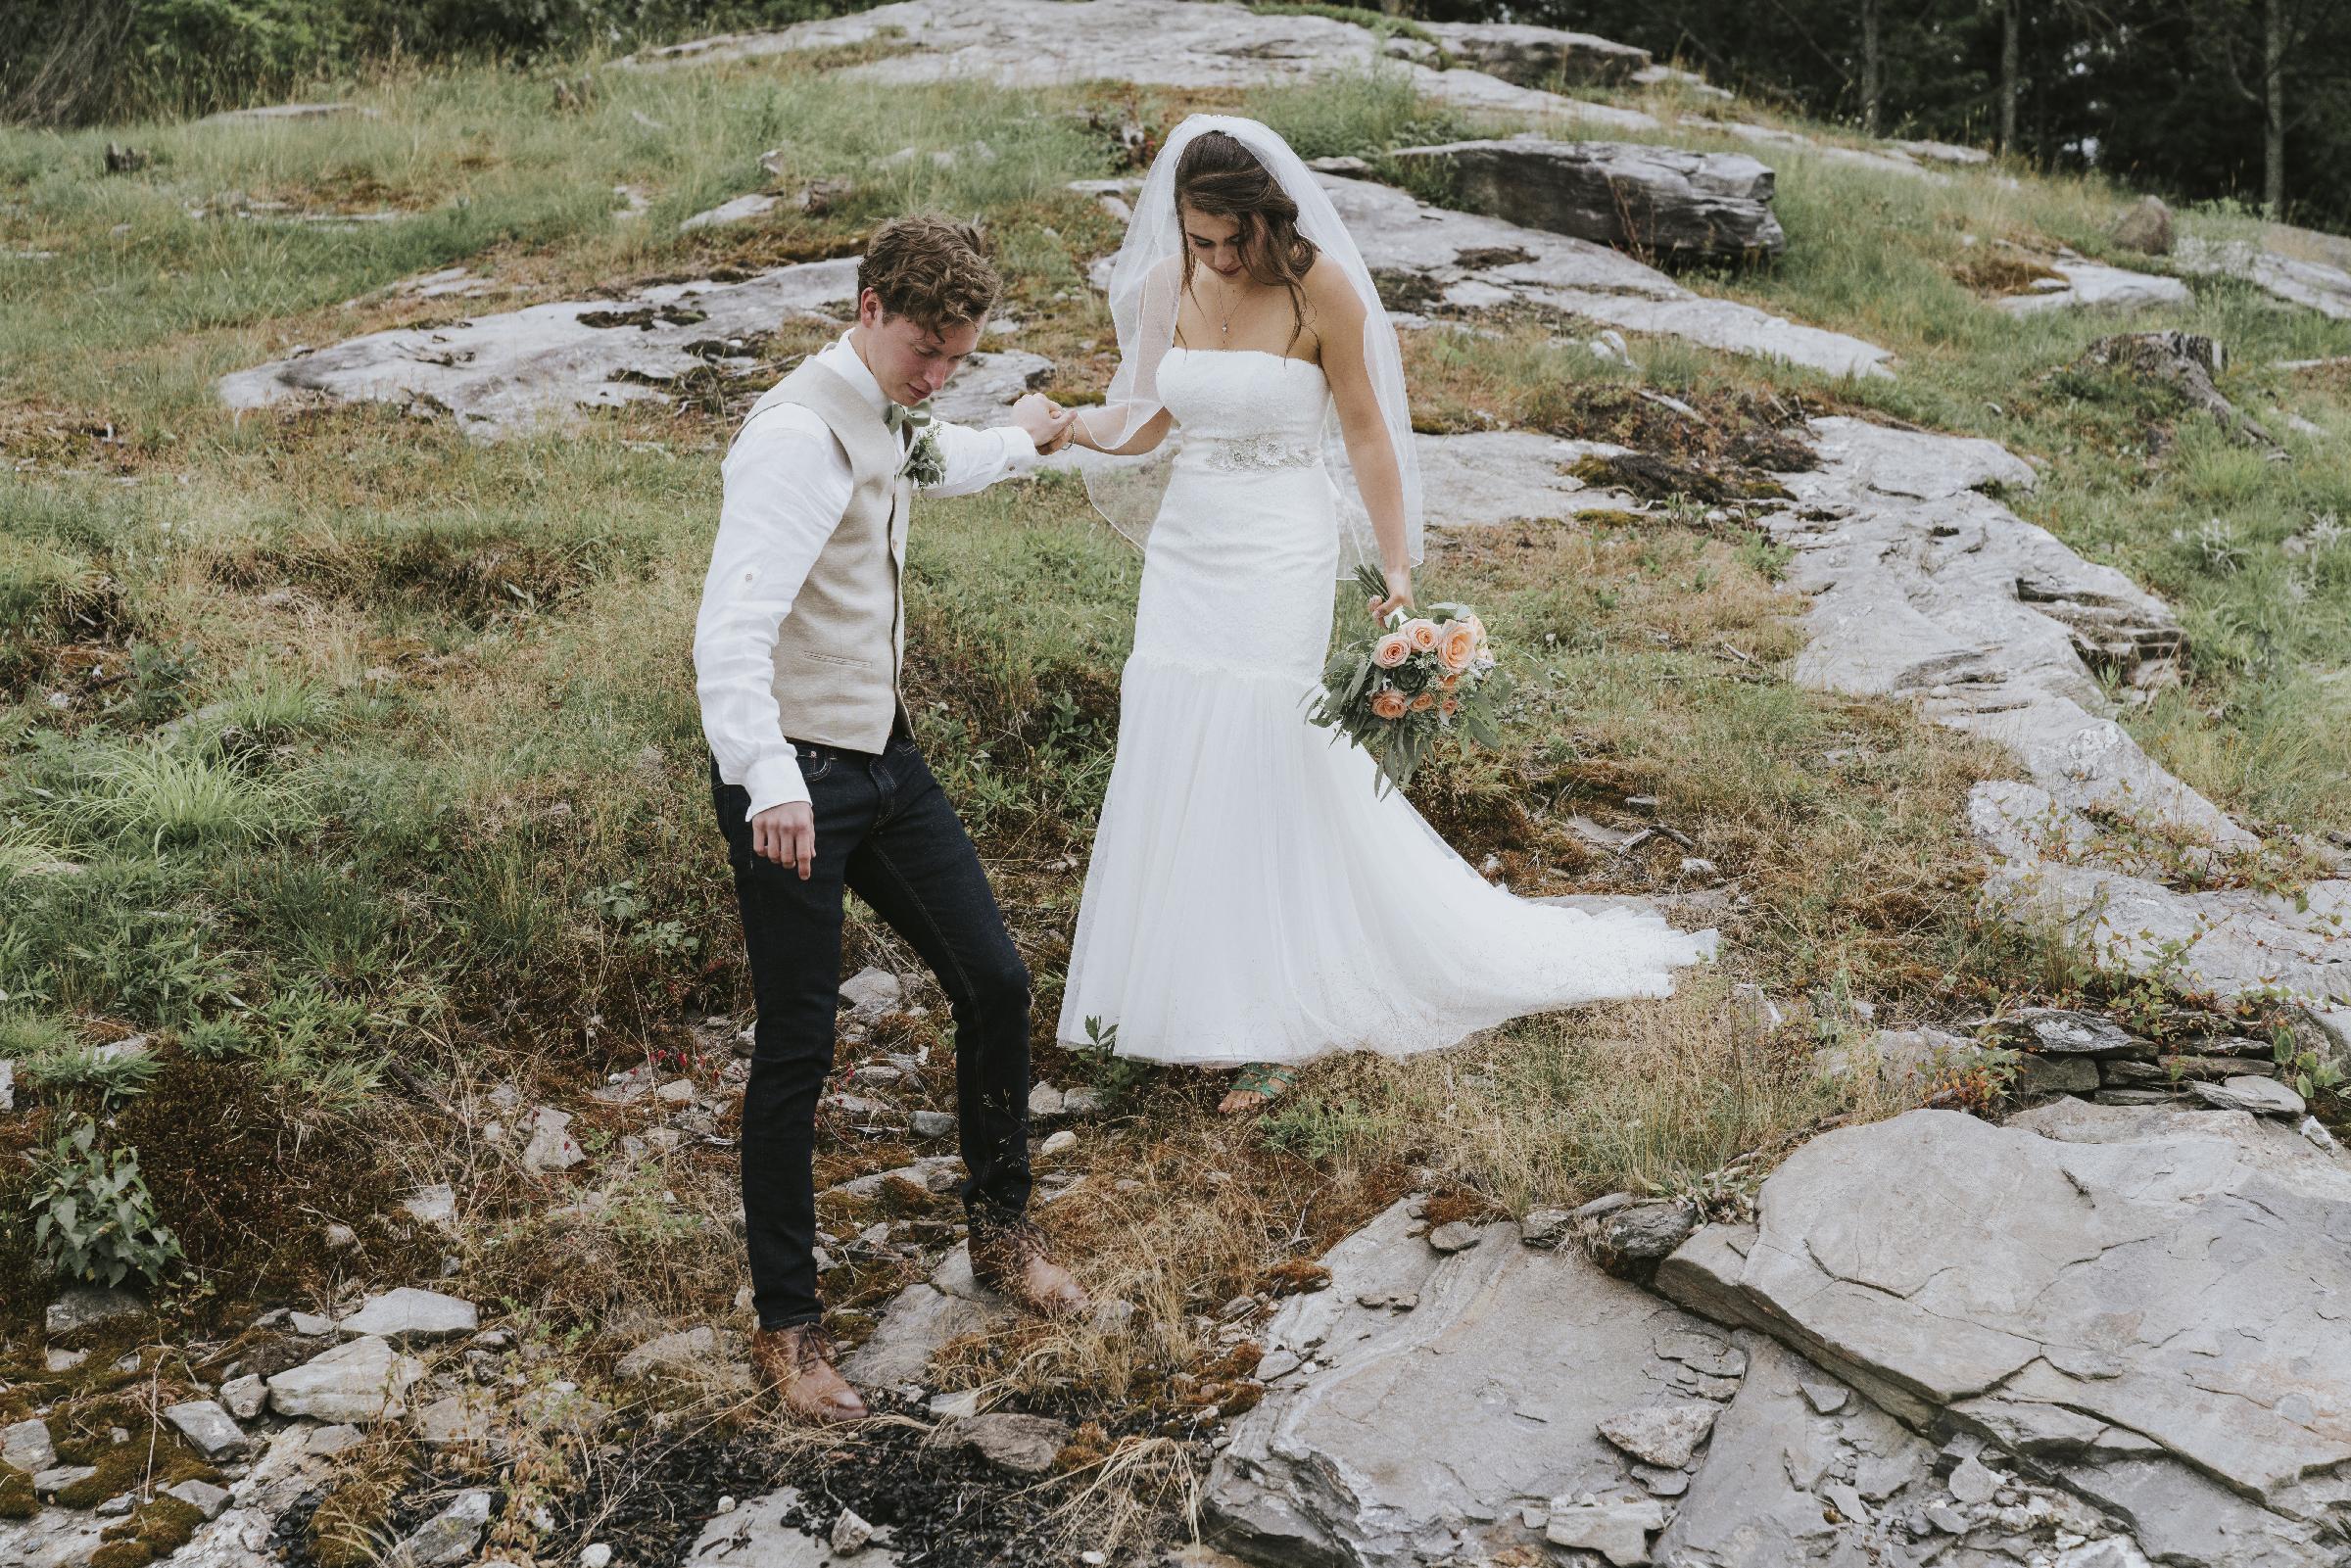 Wedding2017_Abbey_&Lucas_JPEGs (172 of 299).jpg